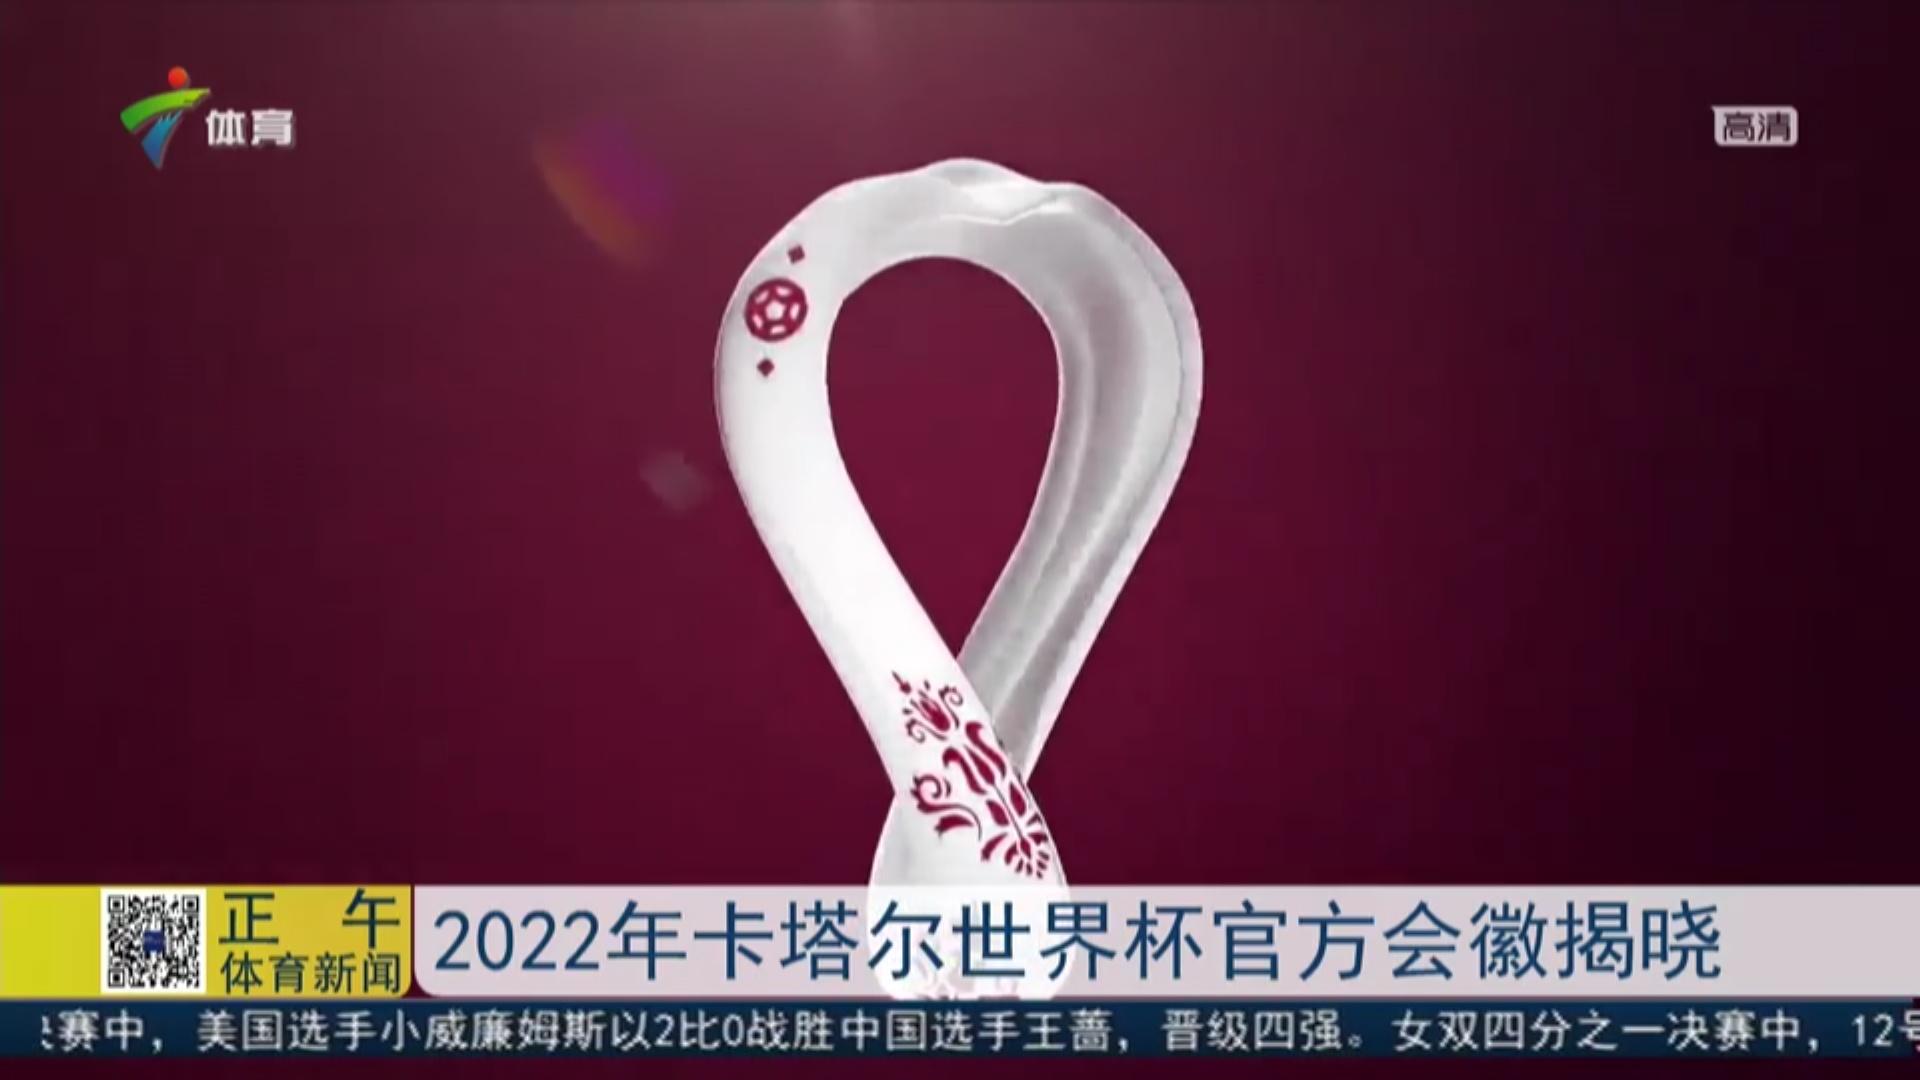 2022年卡塔爾世界杯官方會徽揭曉